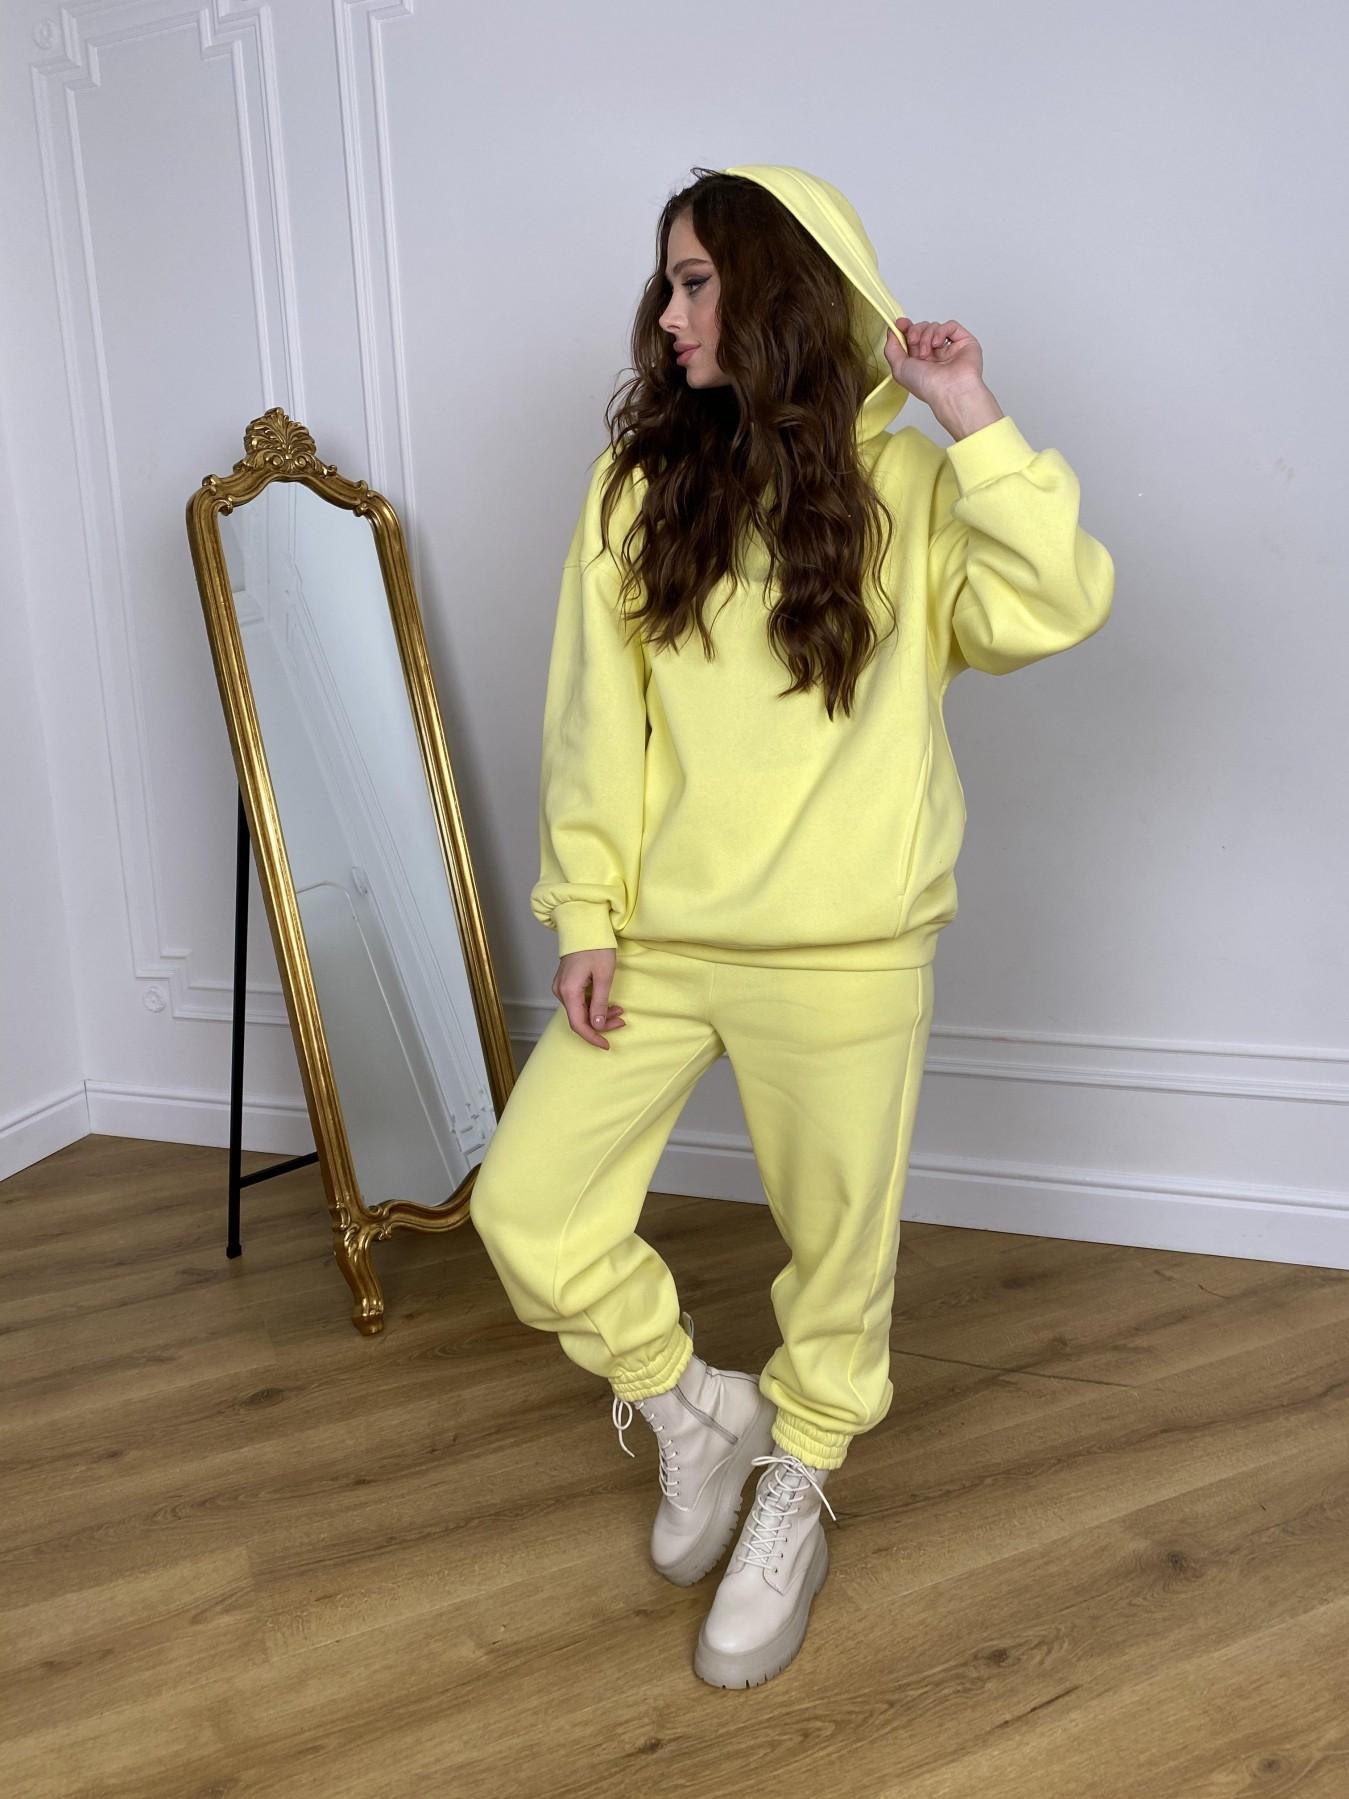 Марион костюм в  стиле Oversize  3х нитка 9651 АРТ. 46905 Цвет: Лимон - фото 9, интернет магазин tm-modus.ru